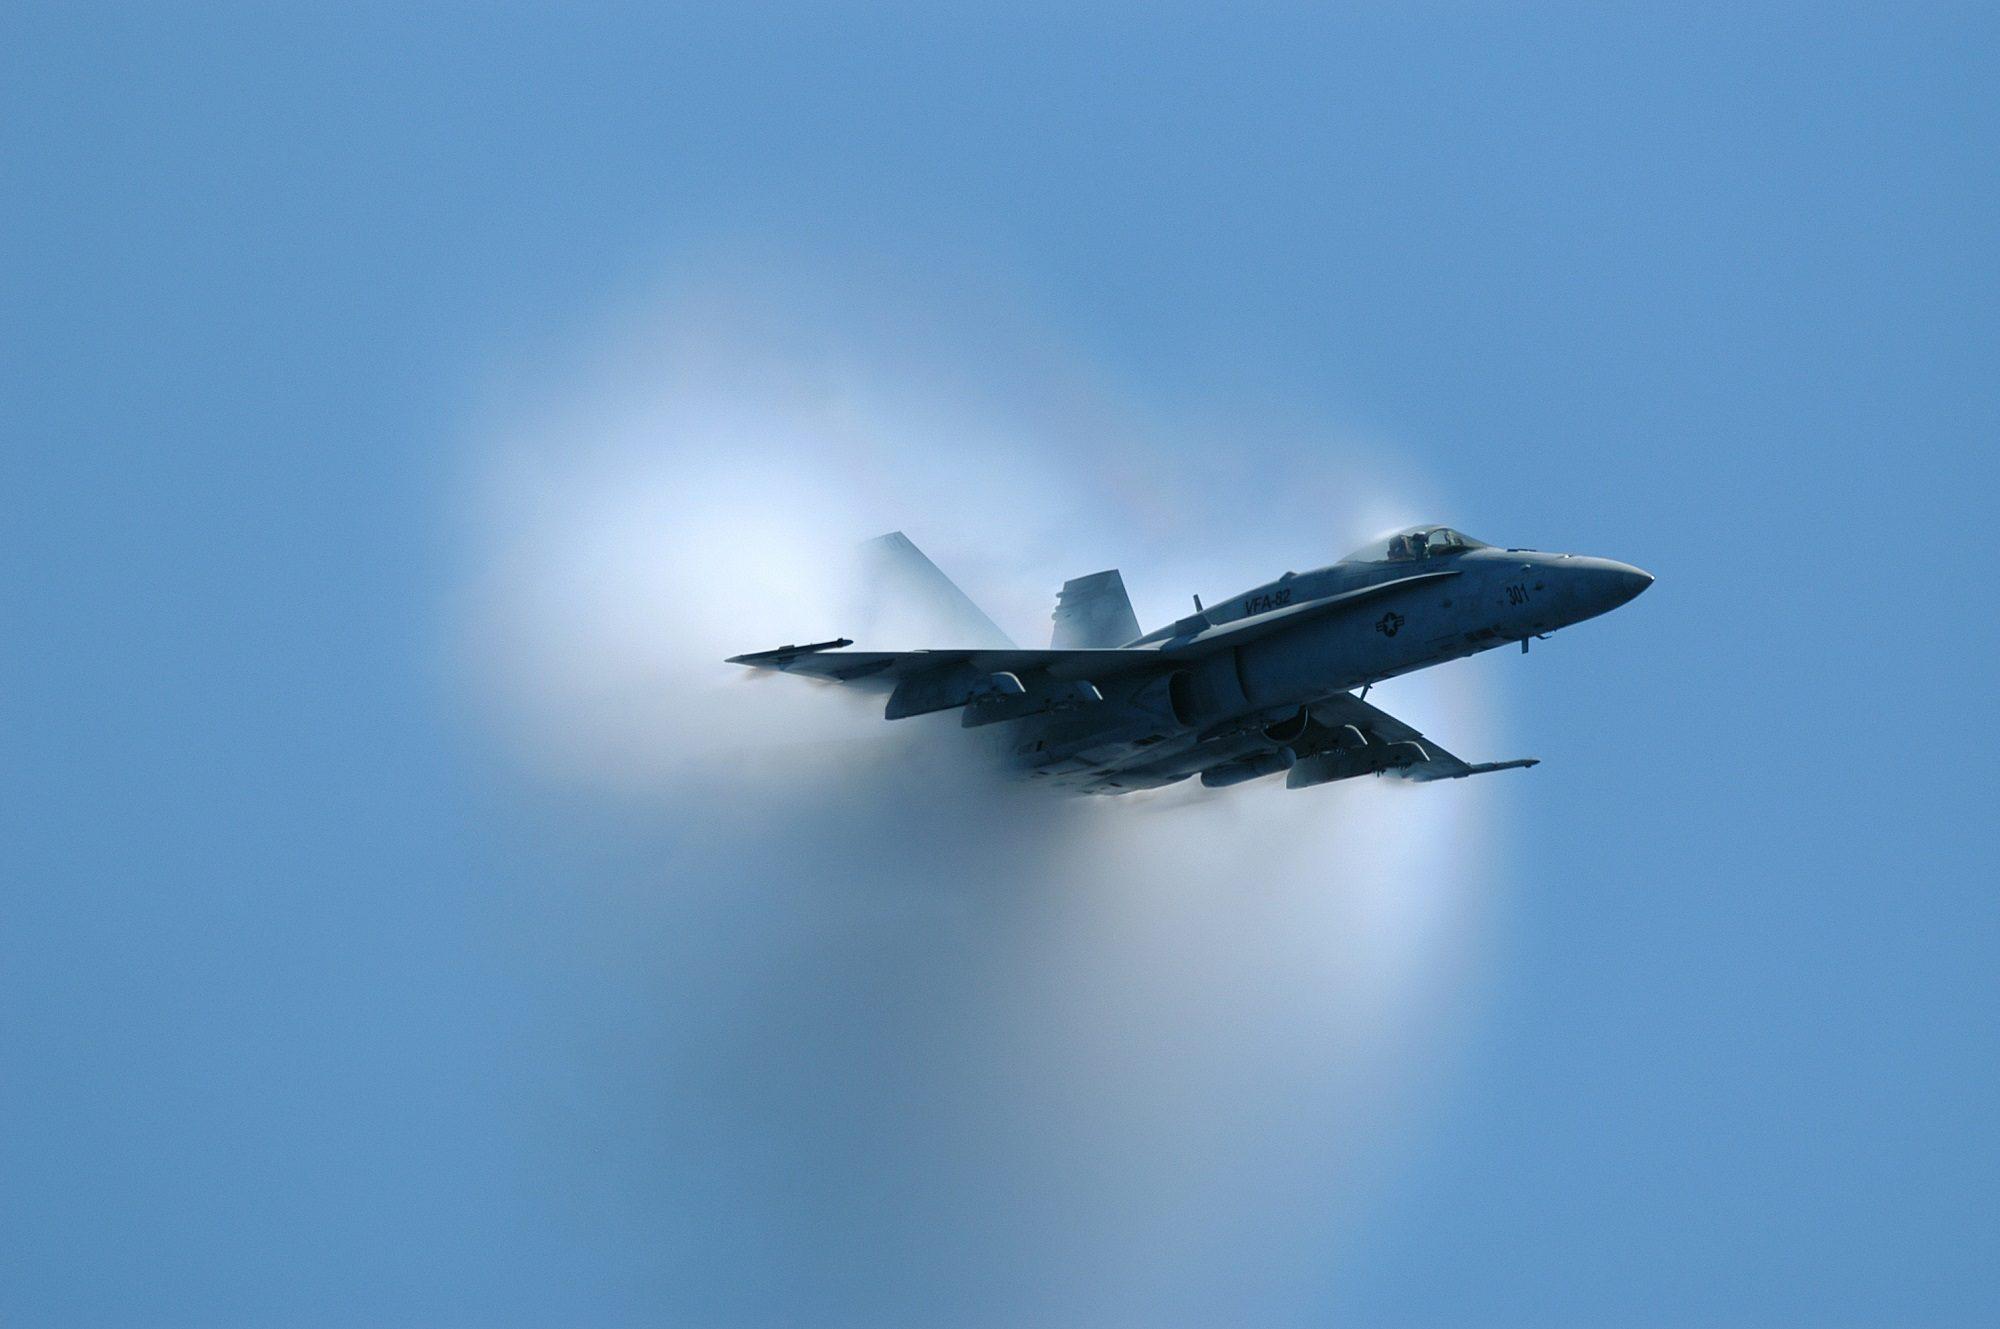 飞机, barrera, 声音, 速度, 爆炸 - 高清壁纸 - 教授-falken.com